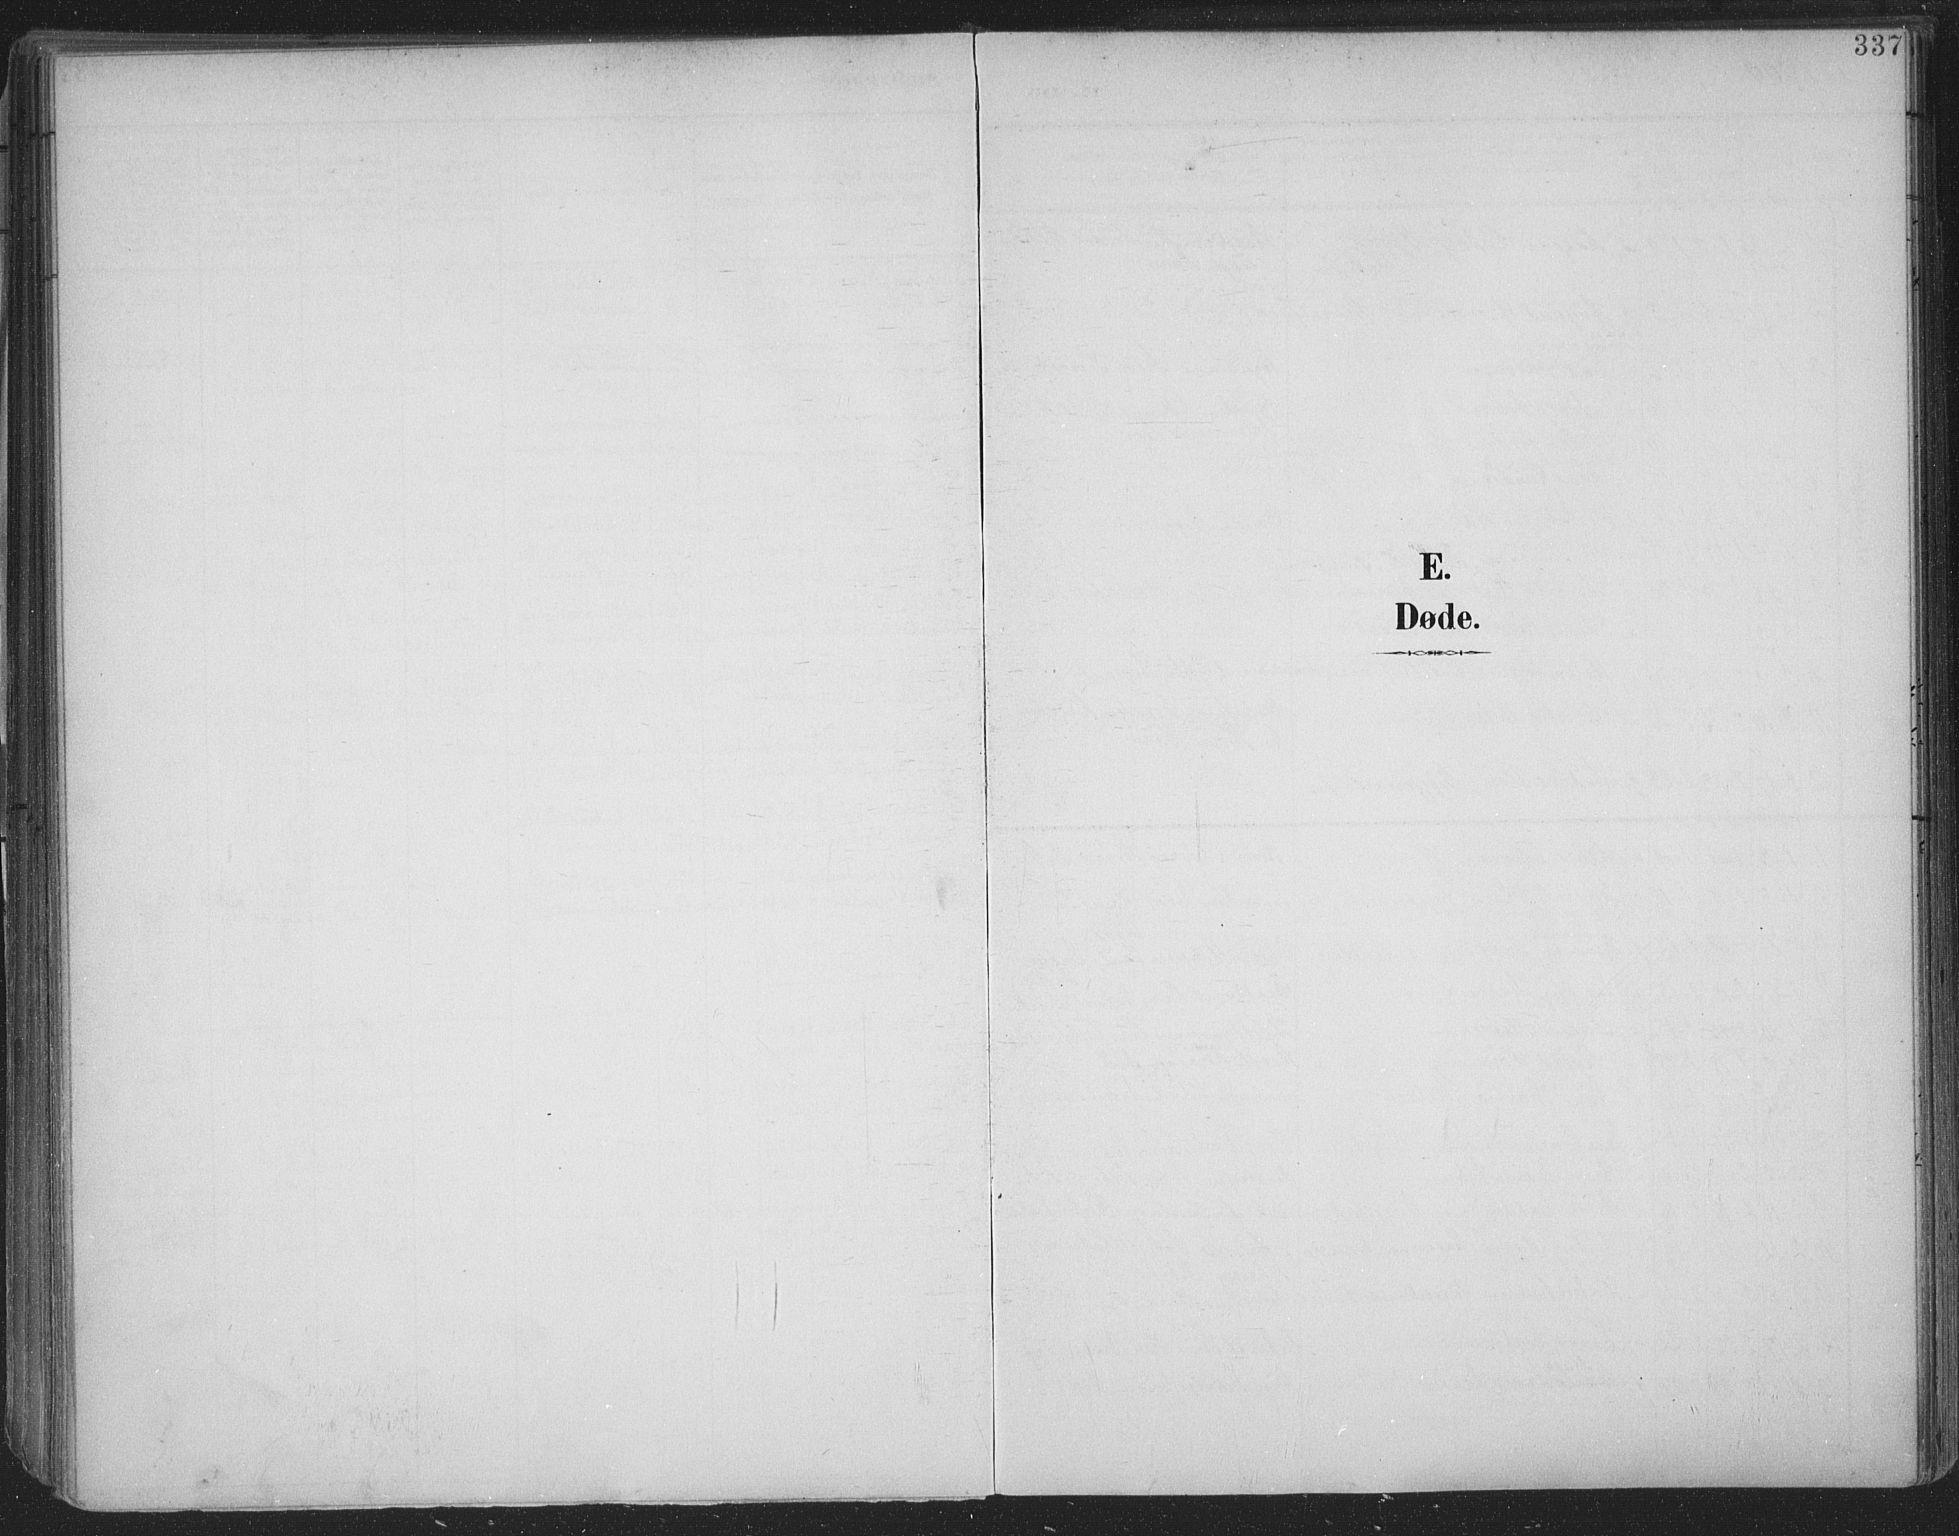 SAKO, Skien kirkebøker, F/Fa/L0011: Ministerialbok nr. 11, 1900-1907, s. 337